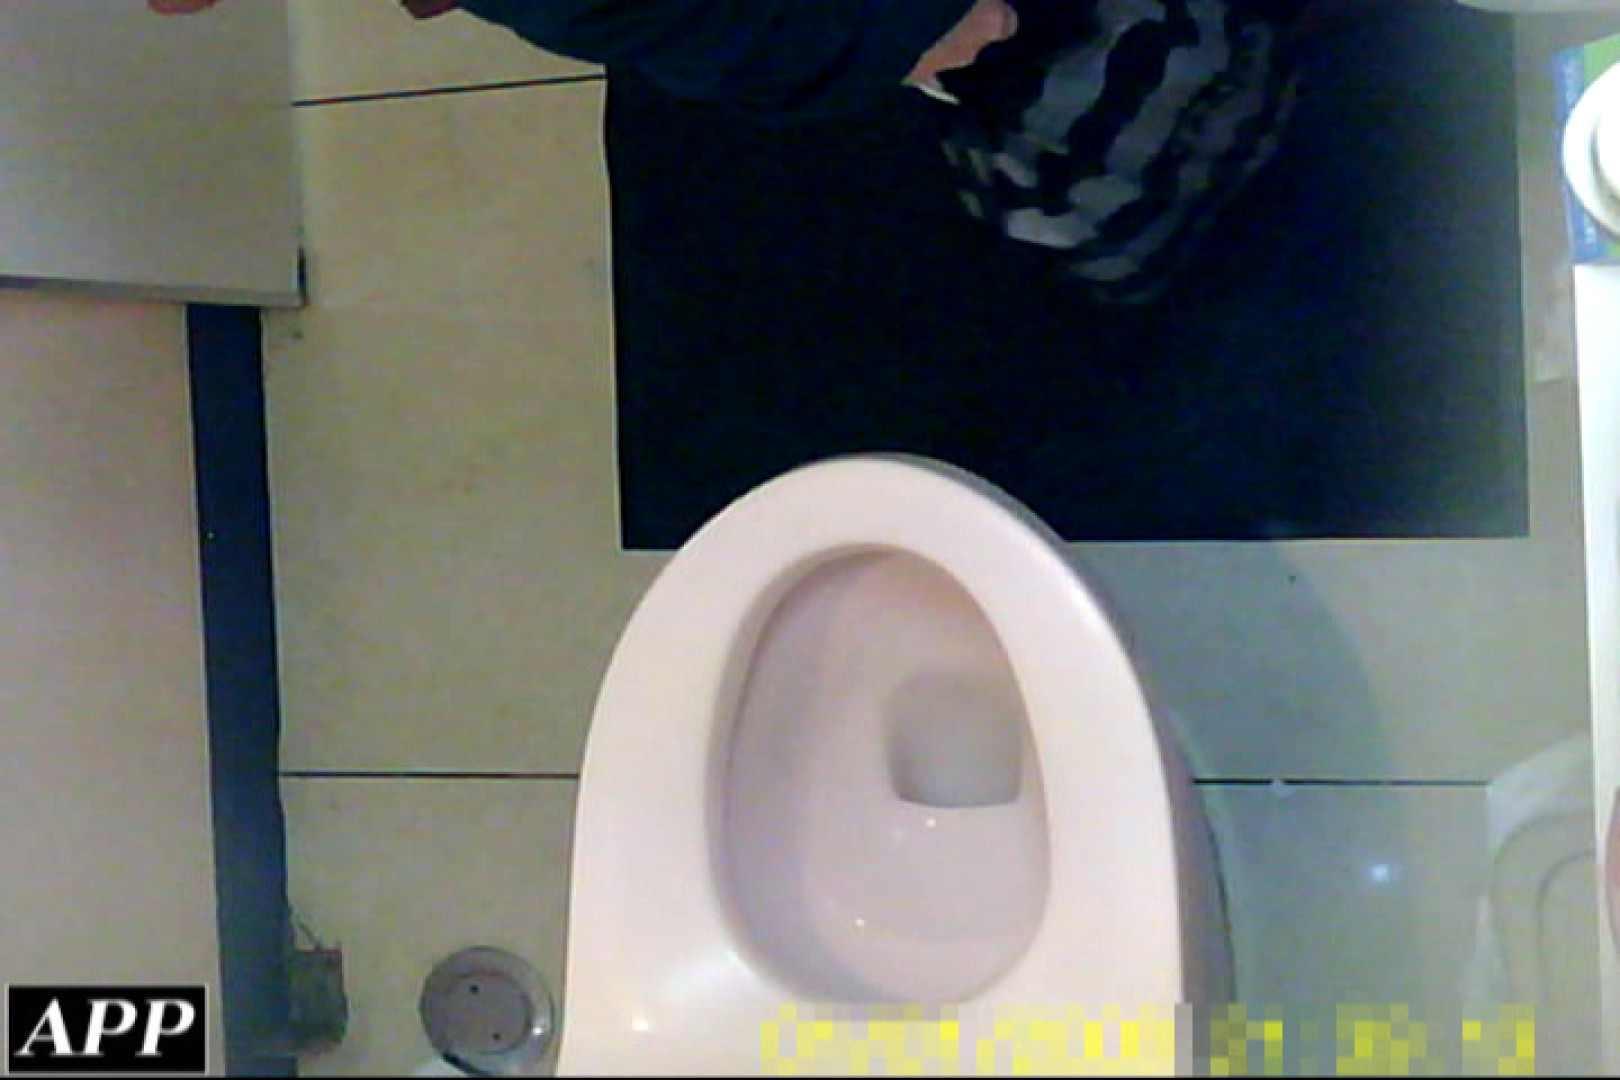 3視点洗面所 vol.087 OLエロ画像   洗面所  83PICs 71